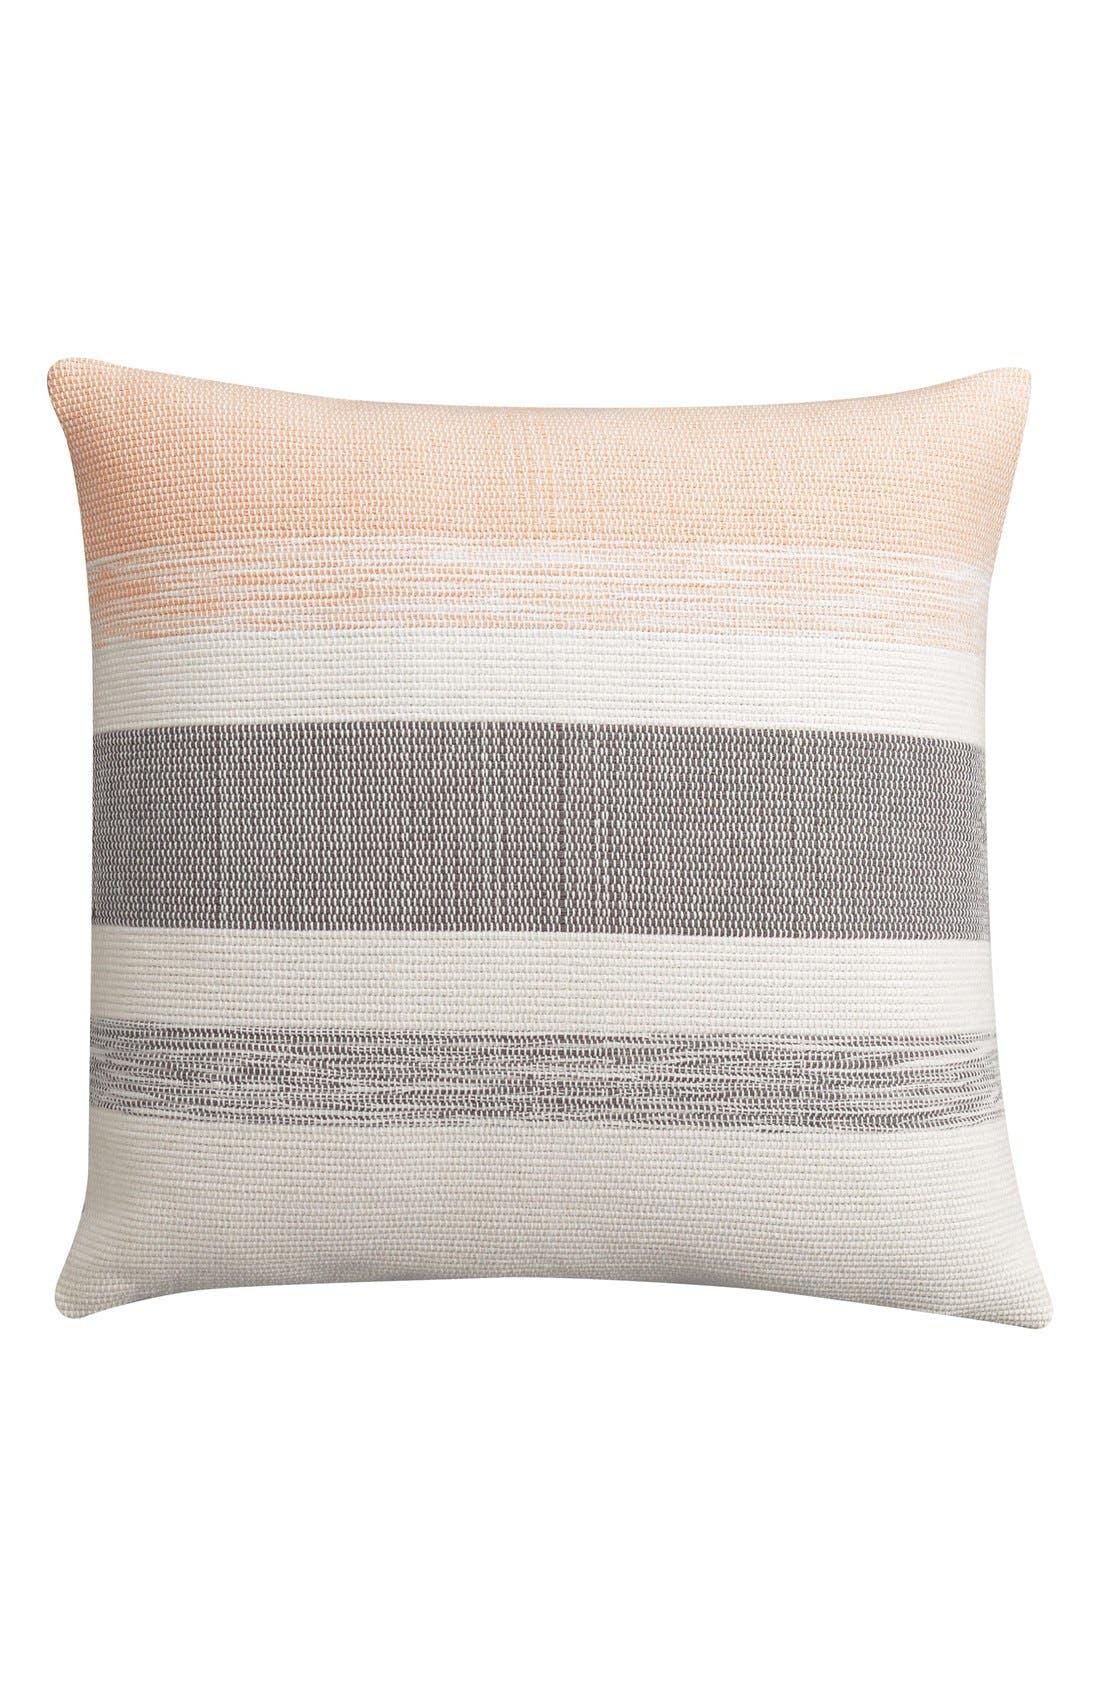 Stripe Accent Pillow,                             Main thumbnail 1, color,                             020